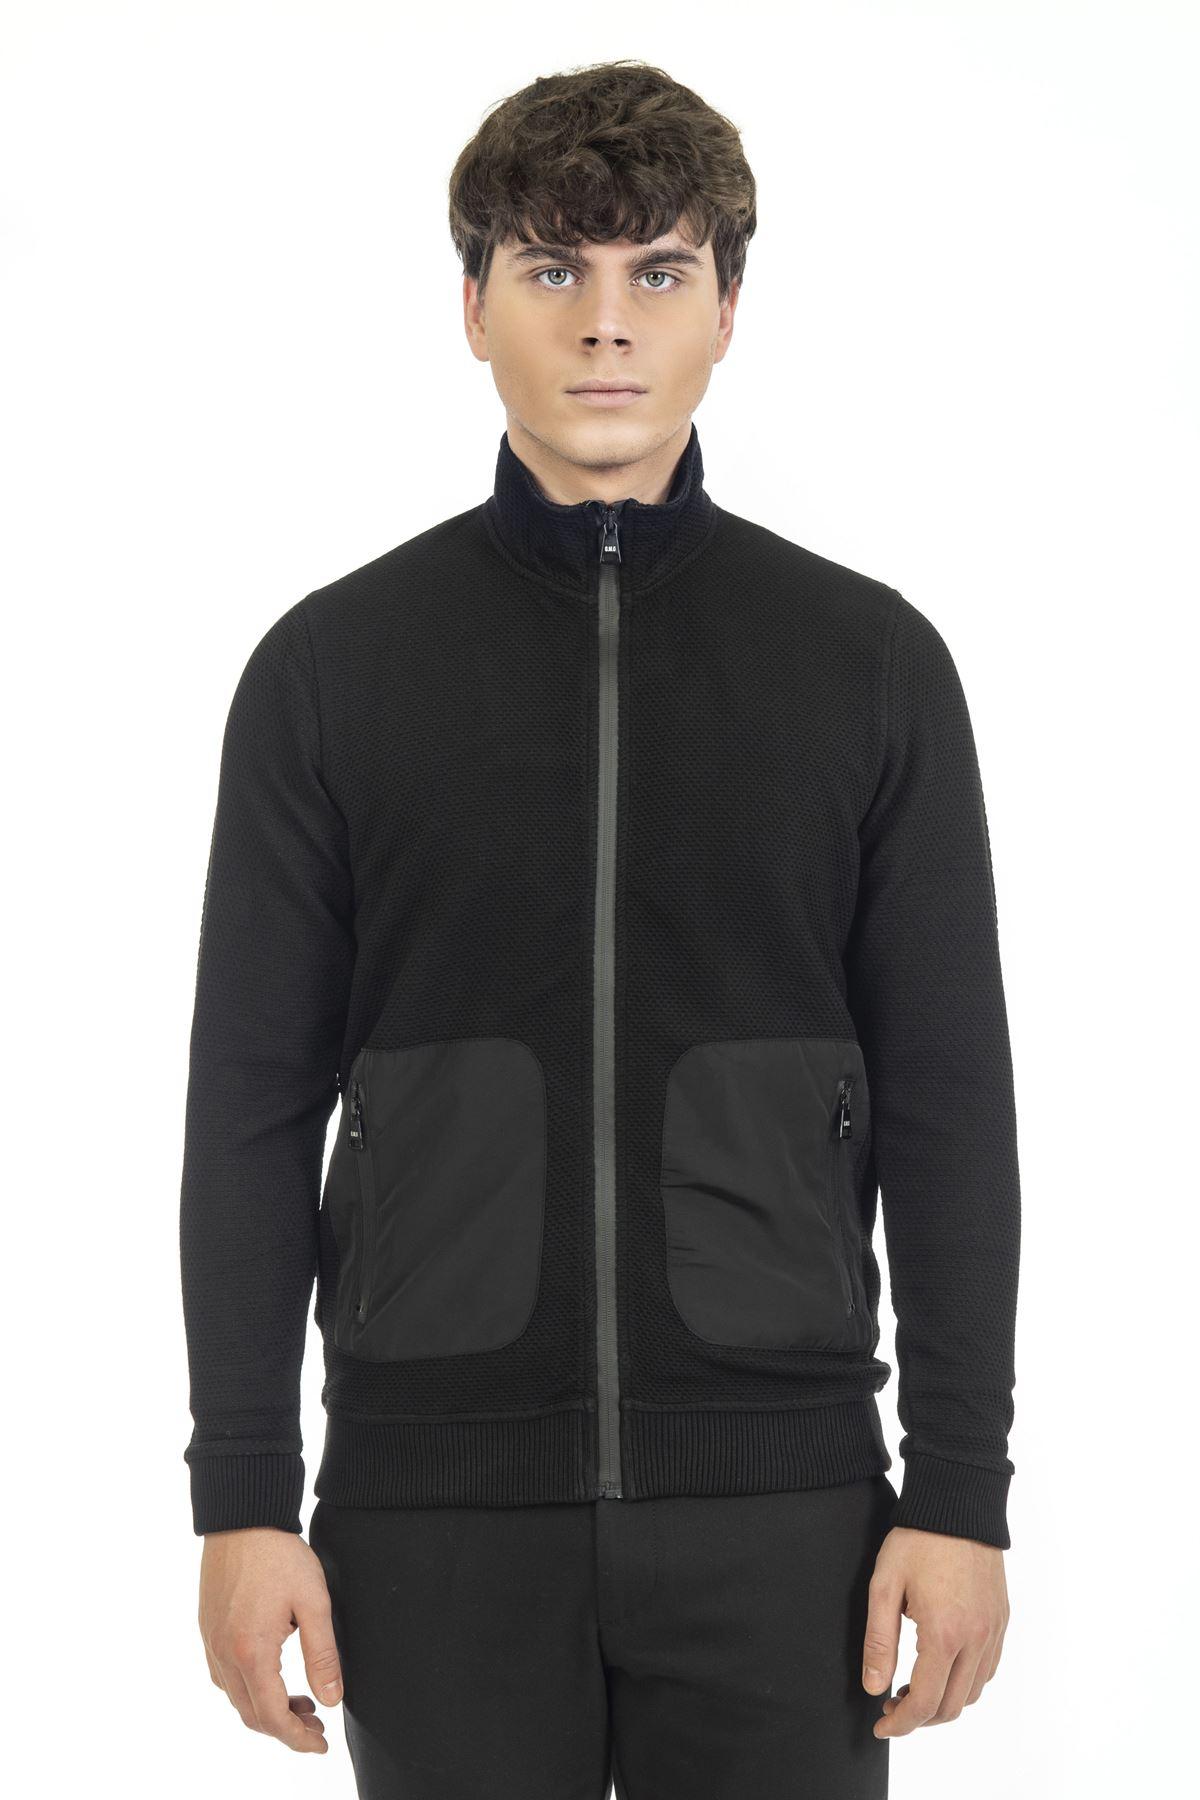 Siyah Dik Yaka Fermuarlı Sweatshirt